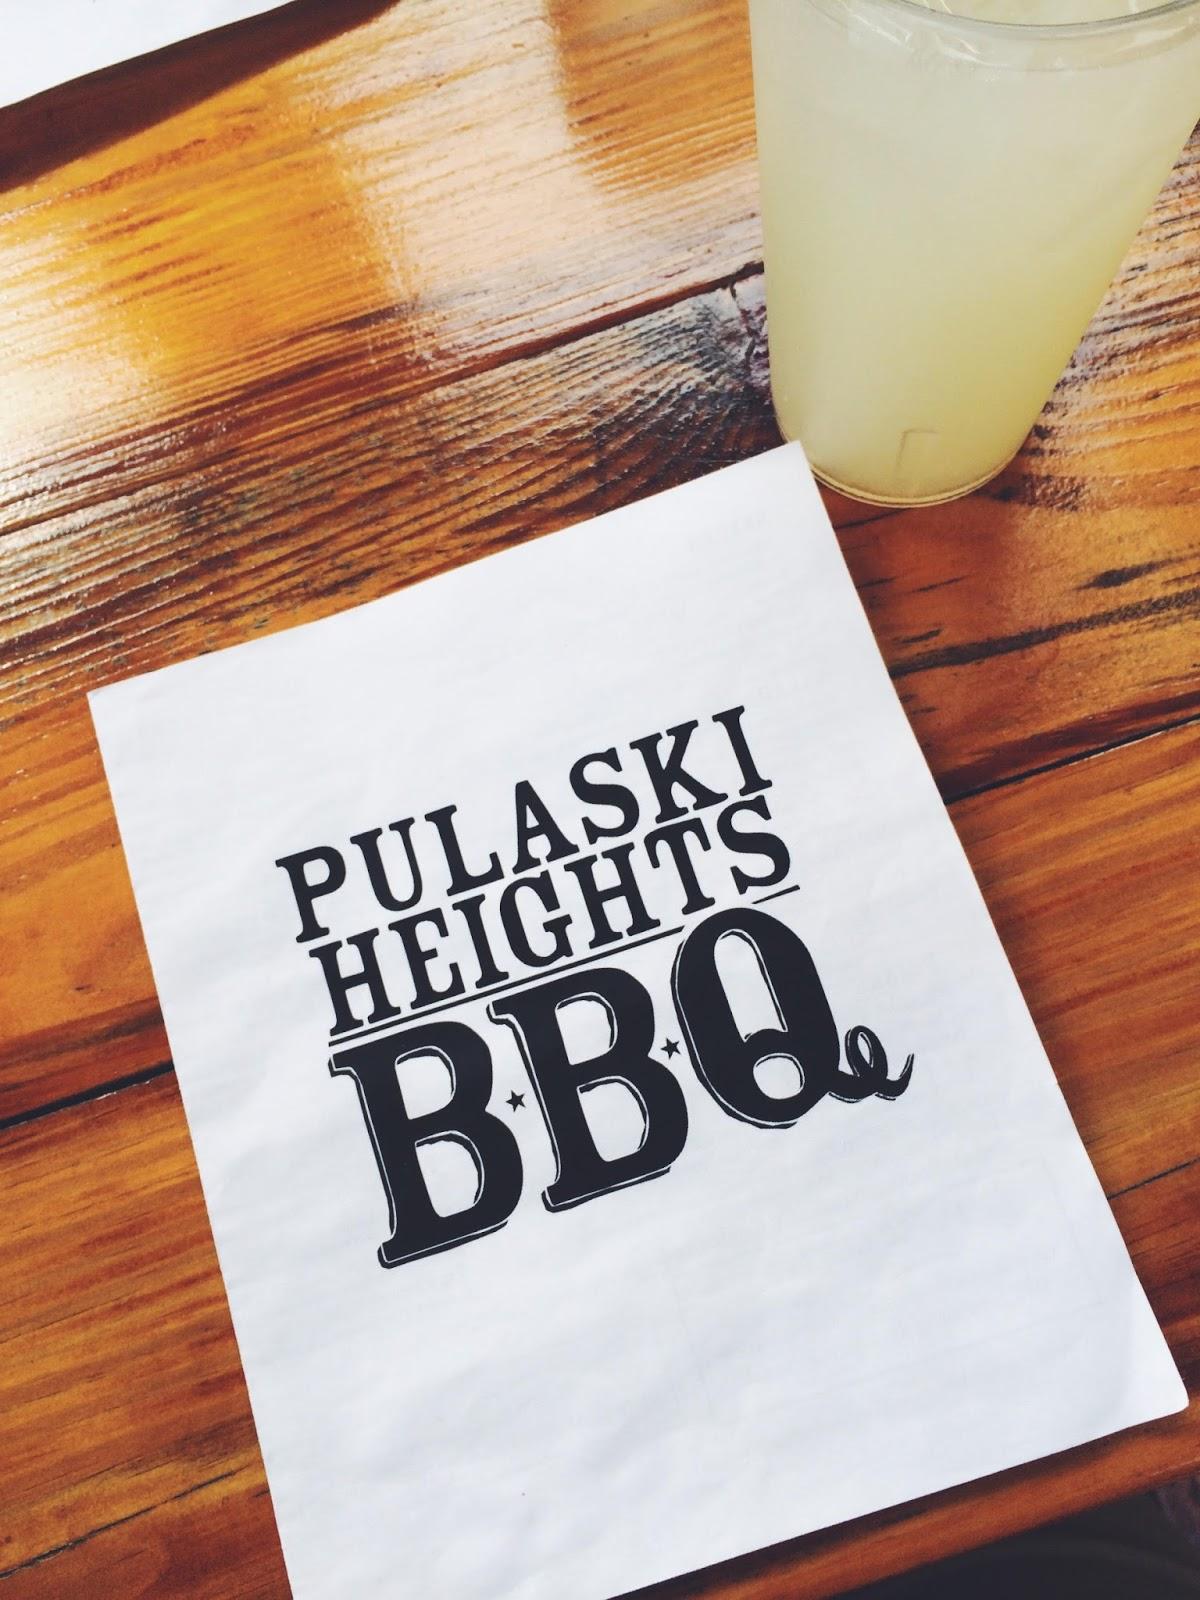 pulaski-heights-bbq